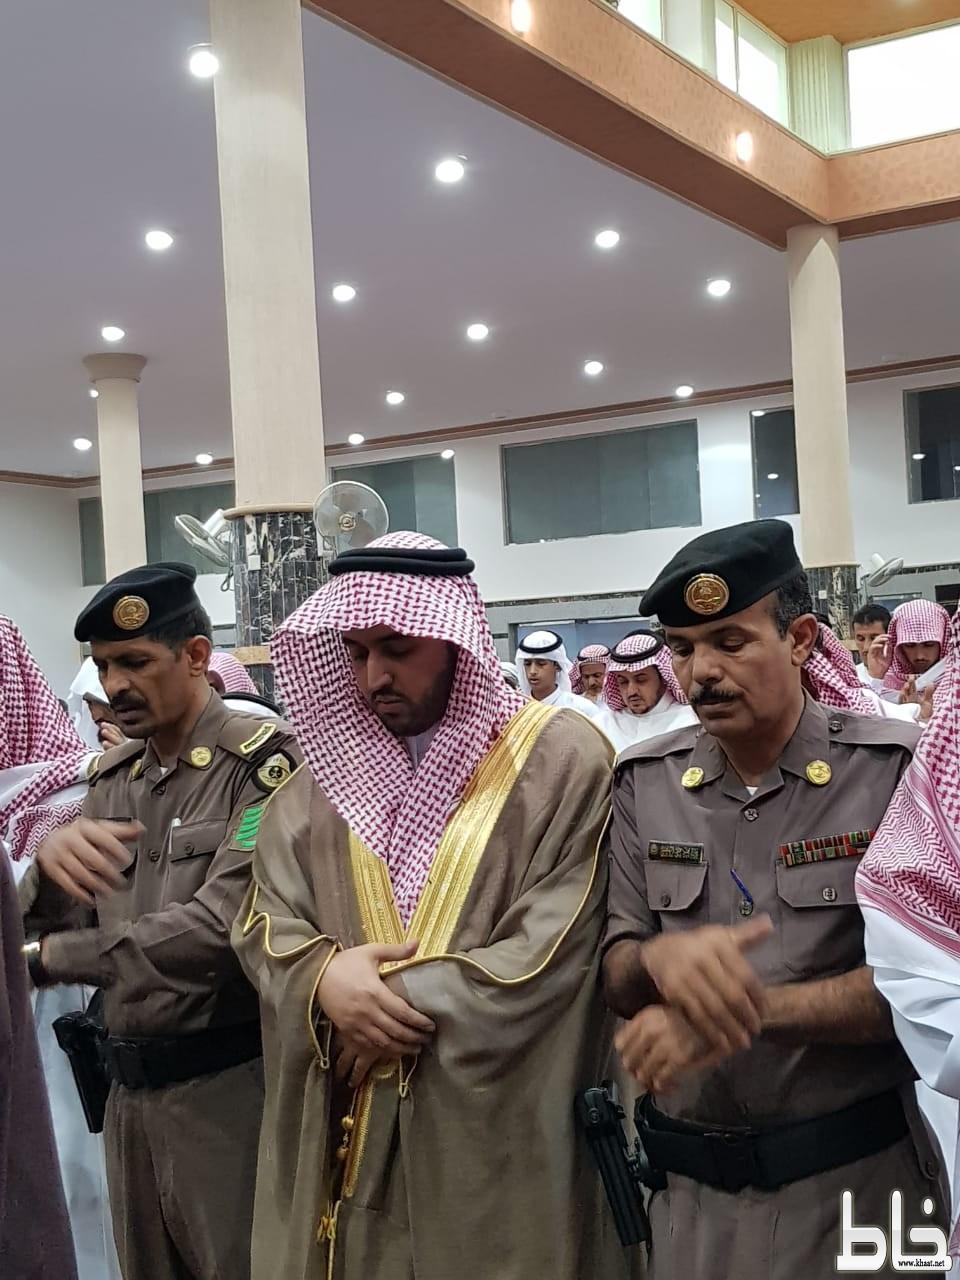 رئيس مركز. أحد ثربان : يتقدم المصلين في صلاة عيد الفطر المبارك